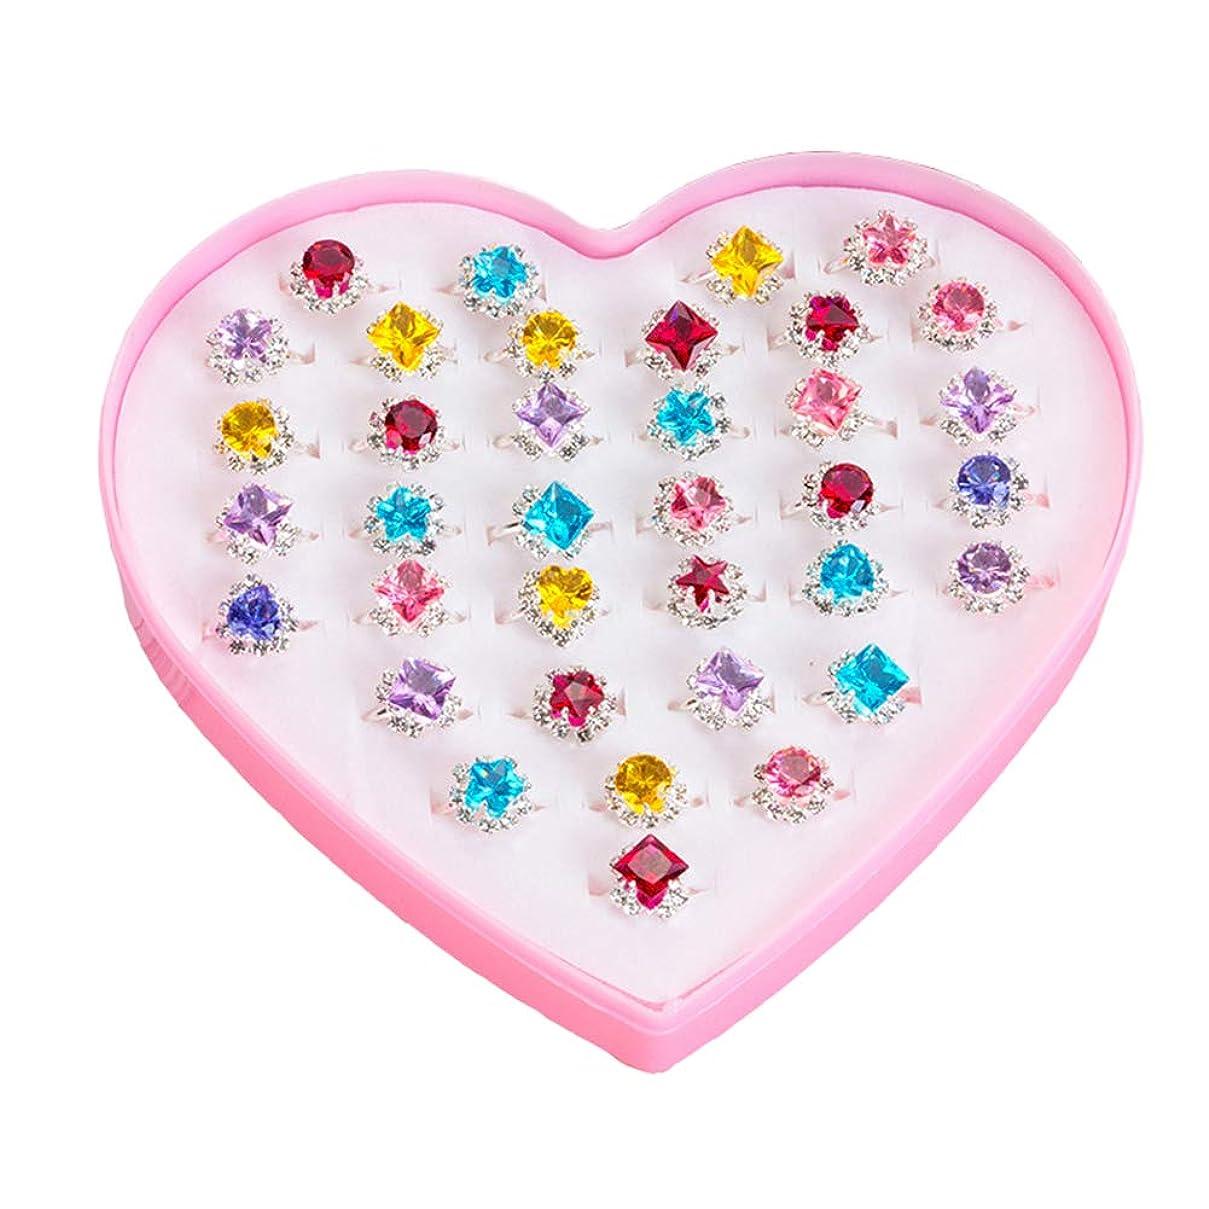 自宅で手のひら劣る指輪セット ペアリング キッズおもちゃ かわいい 36個セット 女の子 カップルリング 混合様式 ハロウィン パーティー クリスマス 誕生日プレゼント